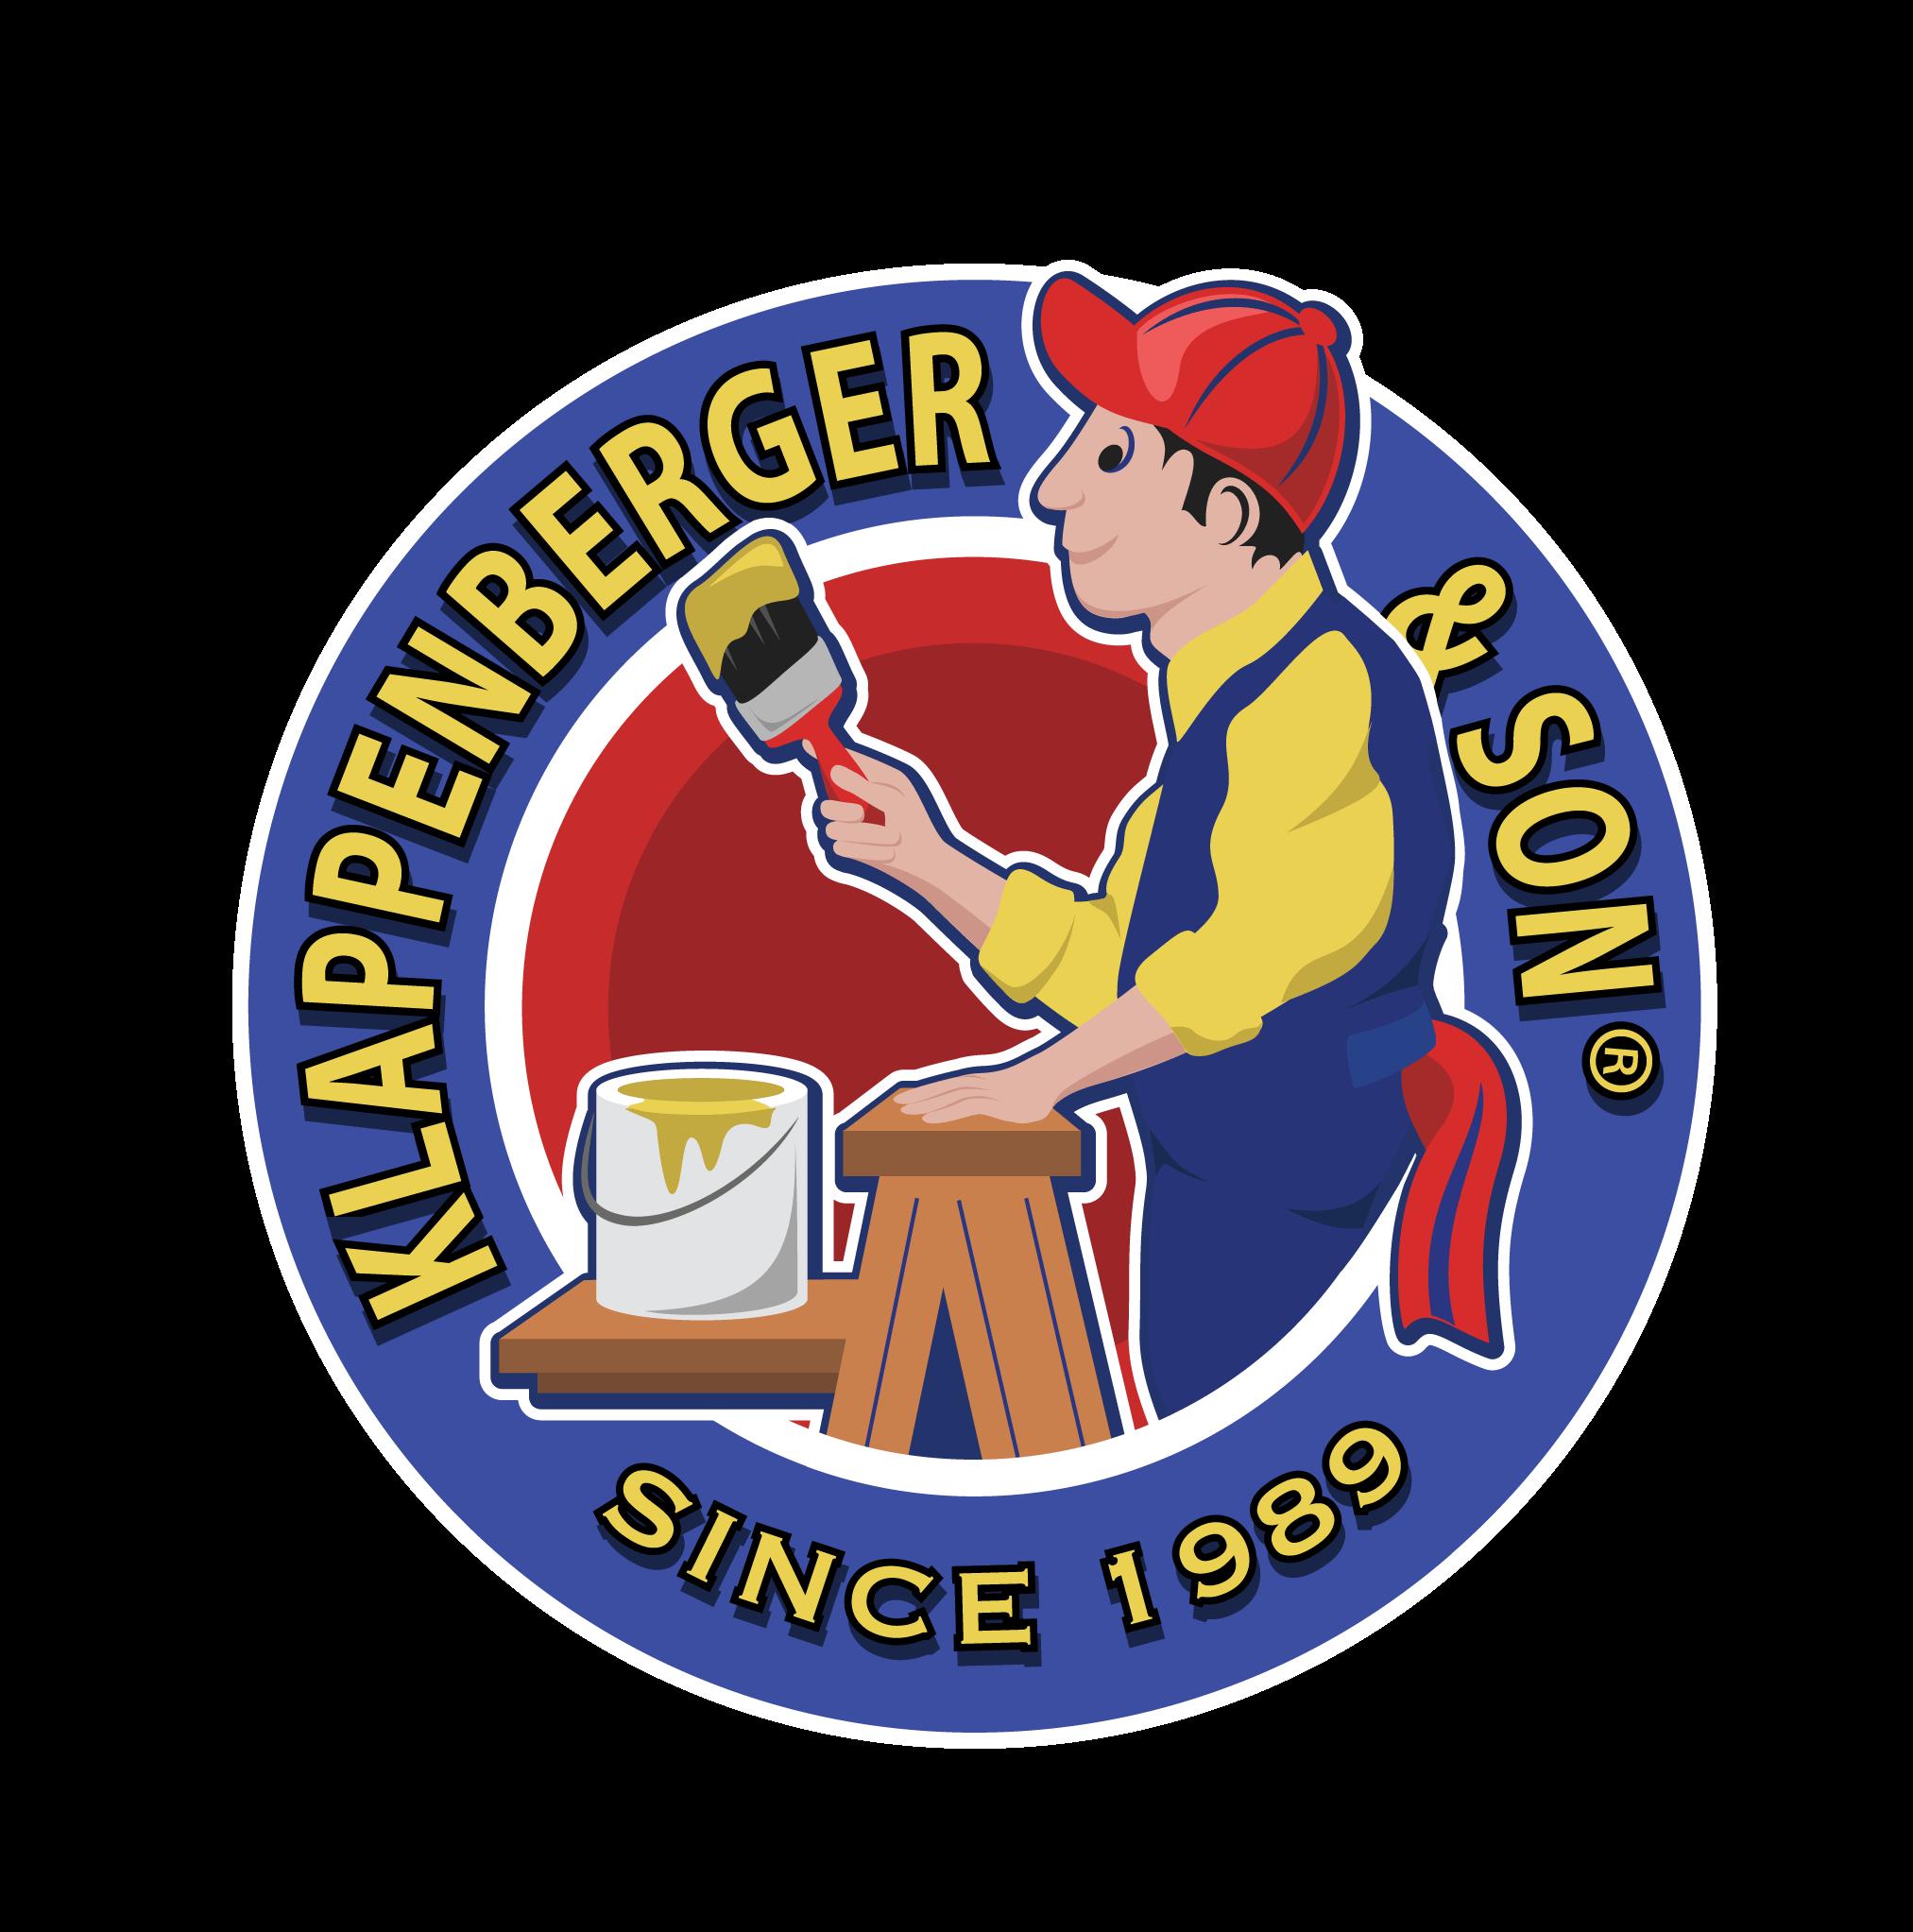 Logo For The Klappenberger Franchise